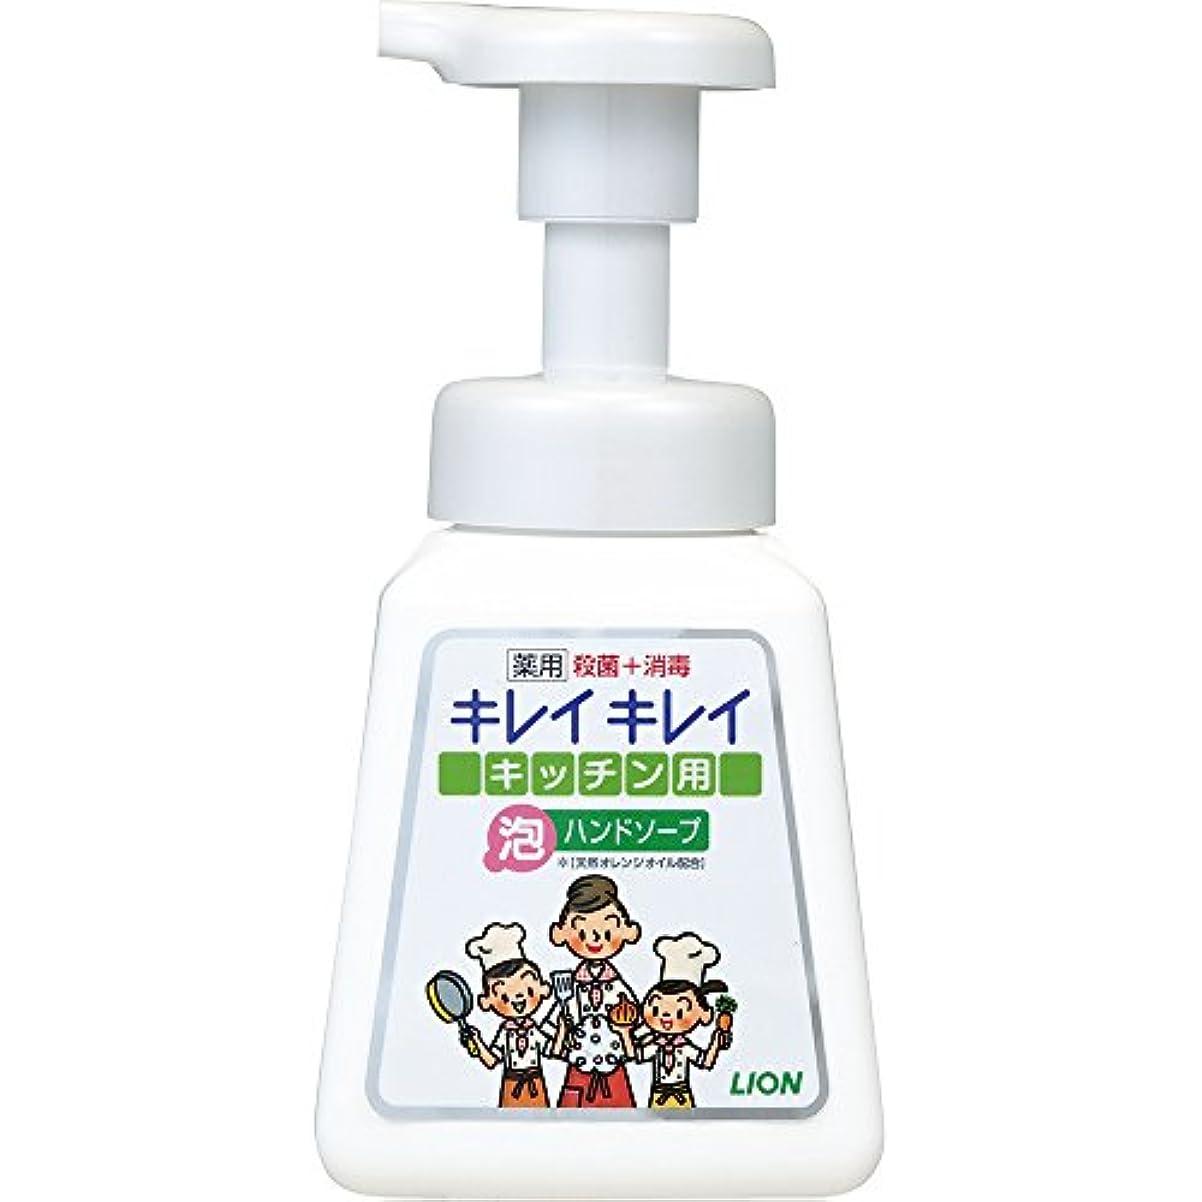 毛布長々と保存キレイキレイ 薬用 キッチン泡ハンドソープ 本体ポンプ 230ml(医薬部外品)